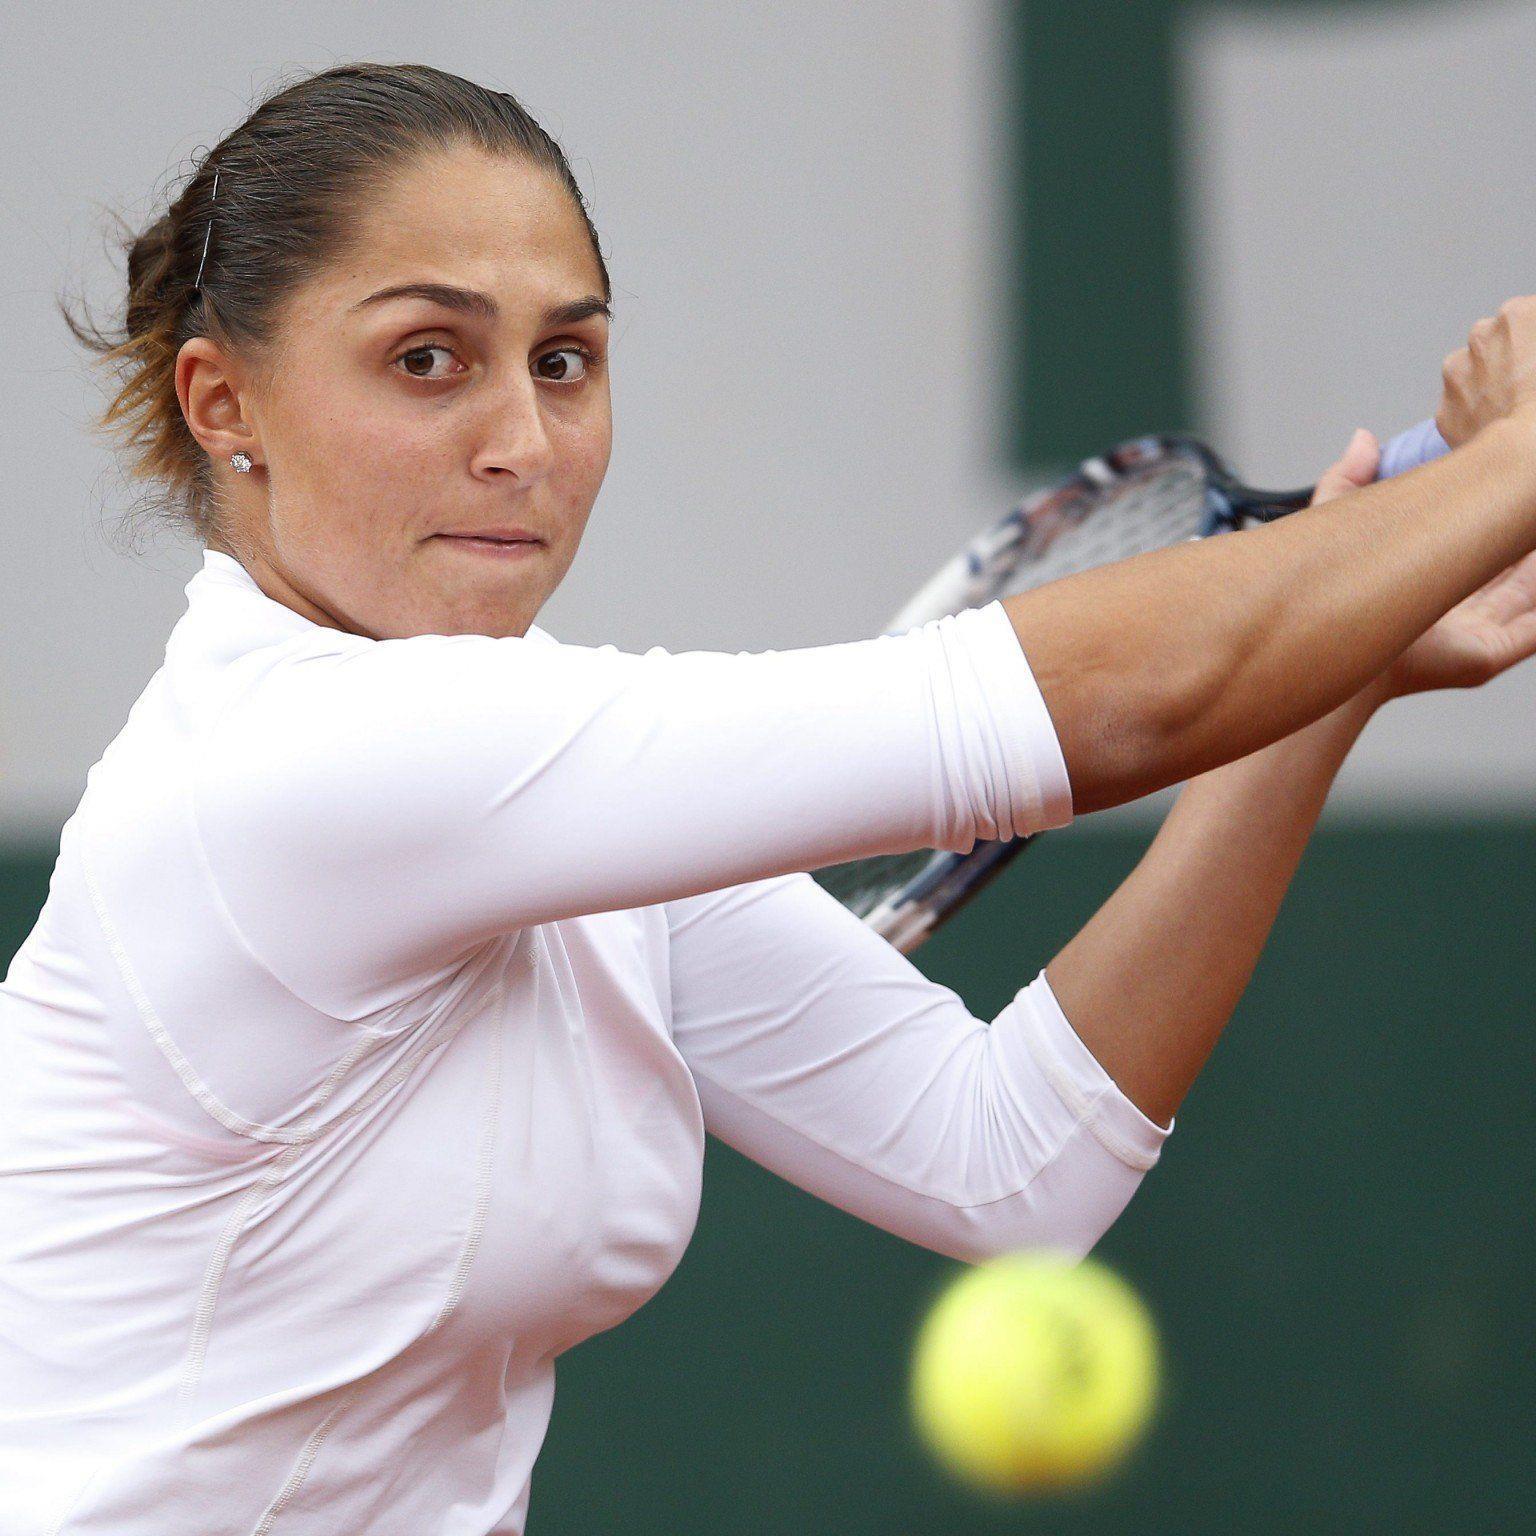 Paszek spielt gegen Tunesierin Jabeur um ihre 7. Hauptfeld-Teilnahme beim Rasen-Grand-Slam